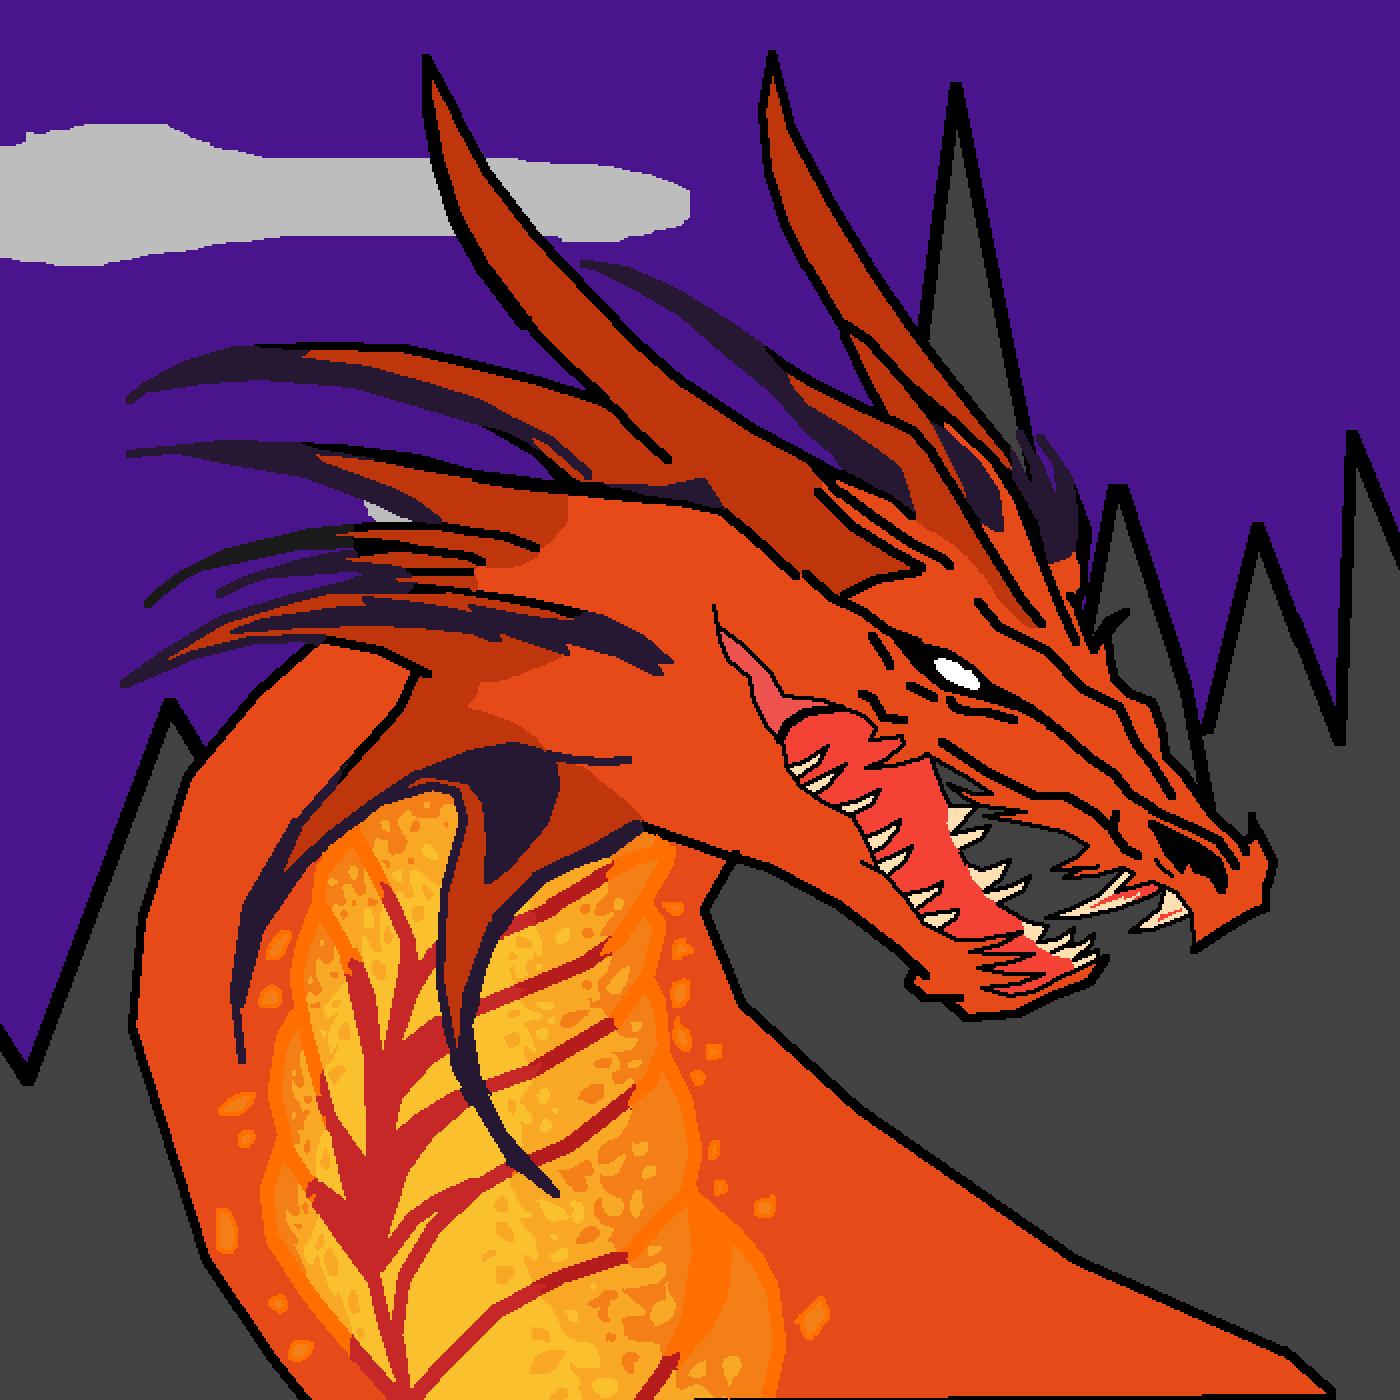 dragon by firestar